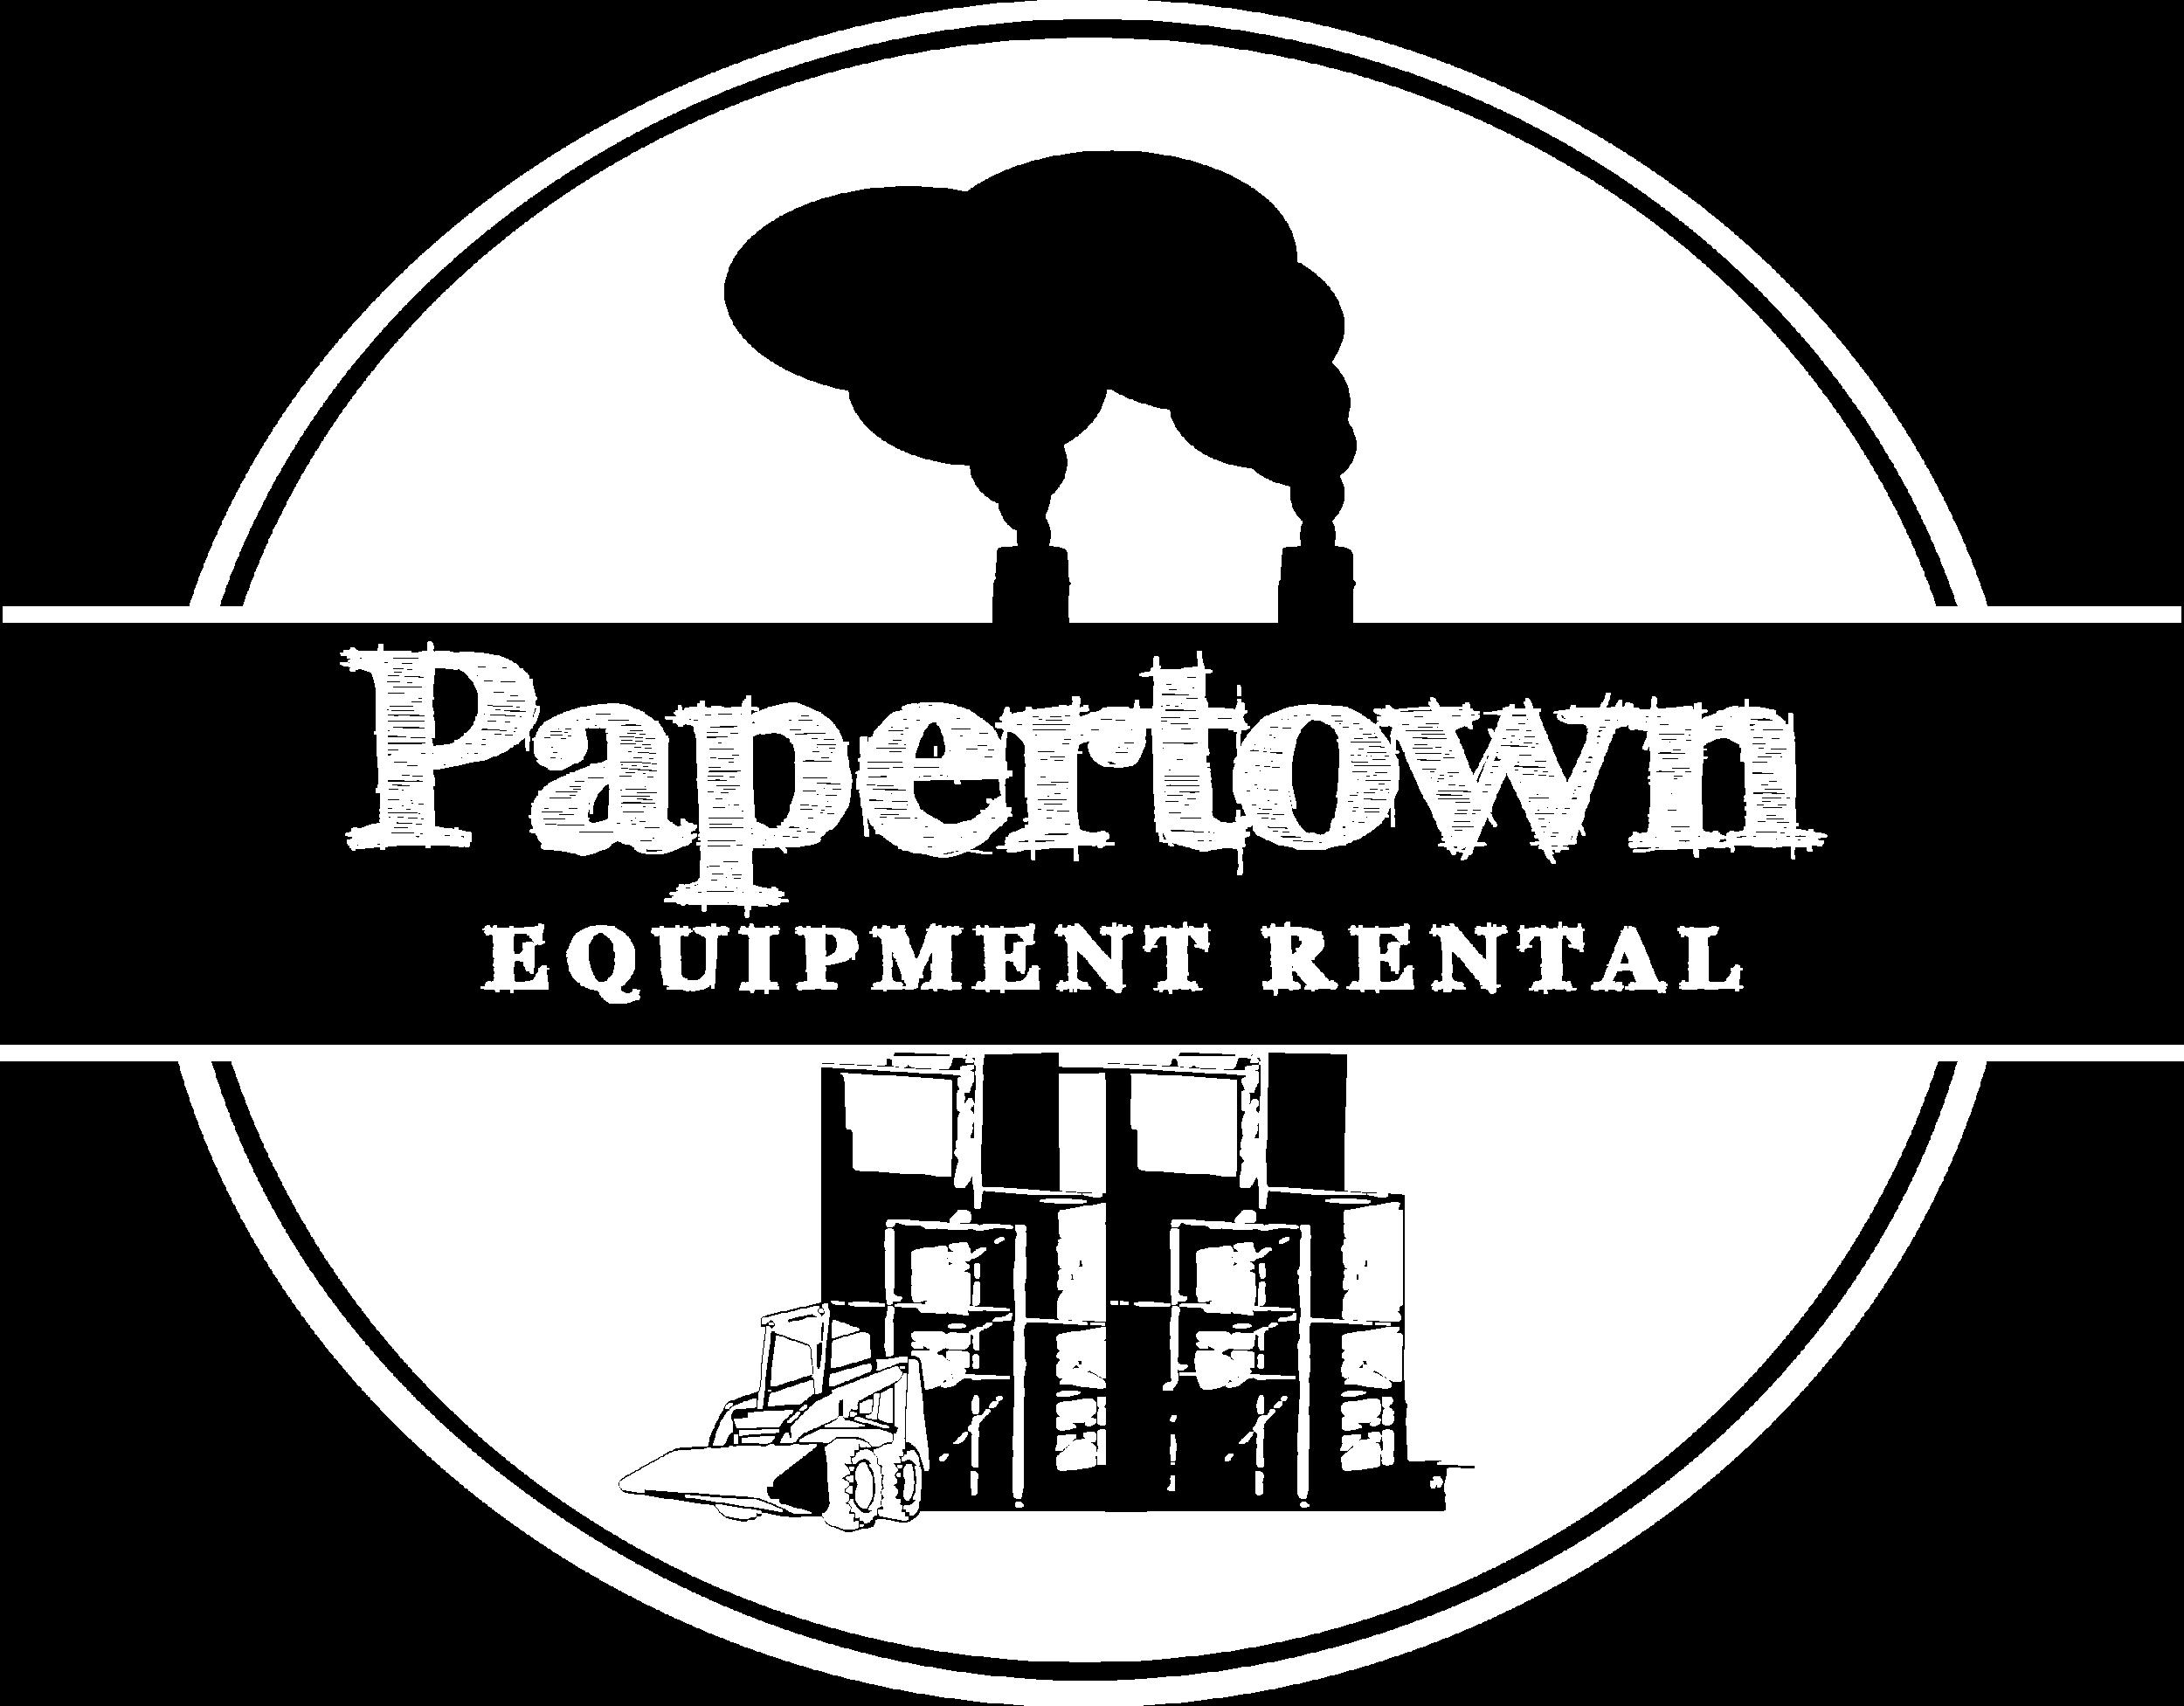 PapertownEquipmentLOGO.png